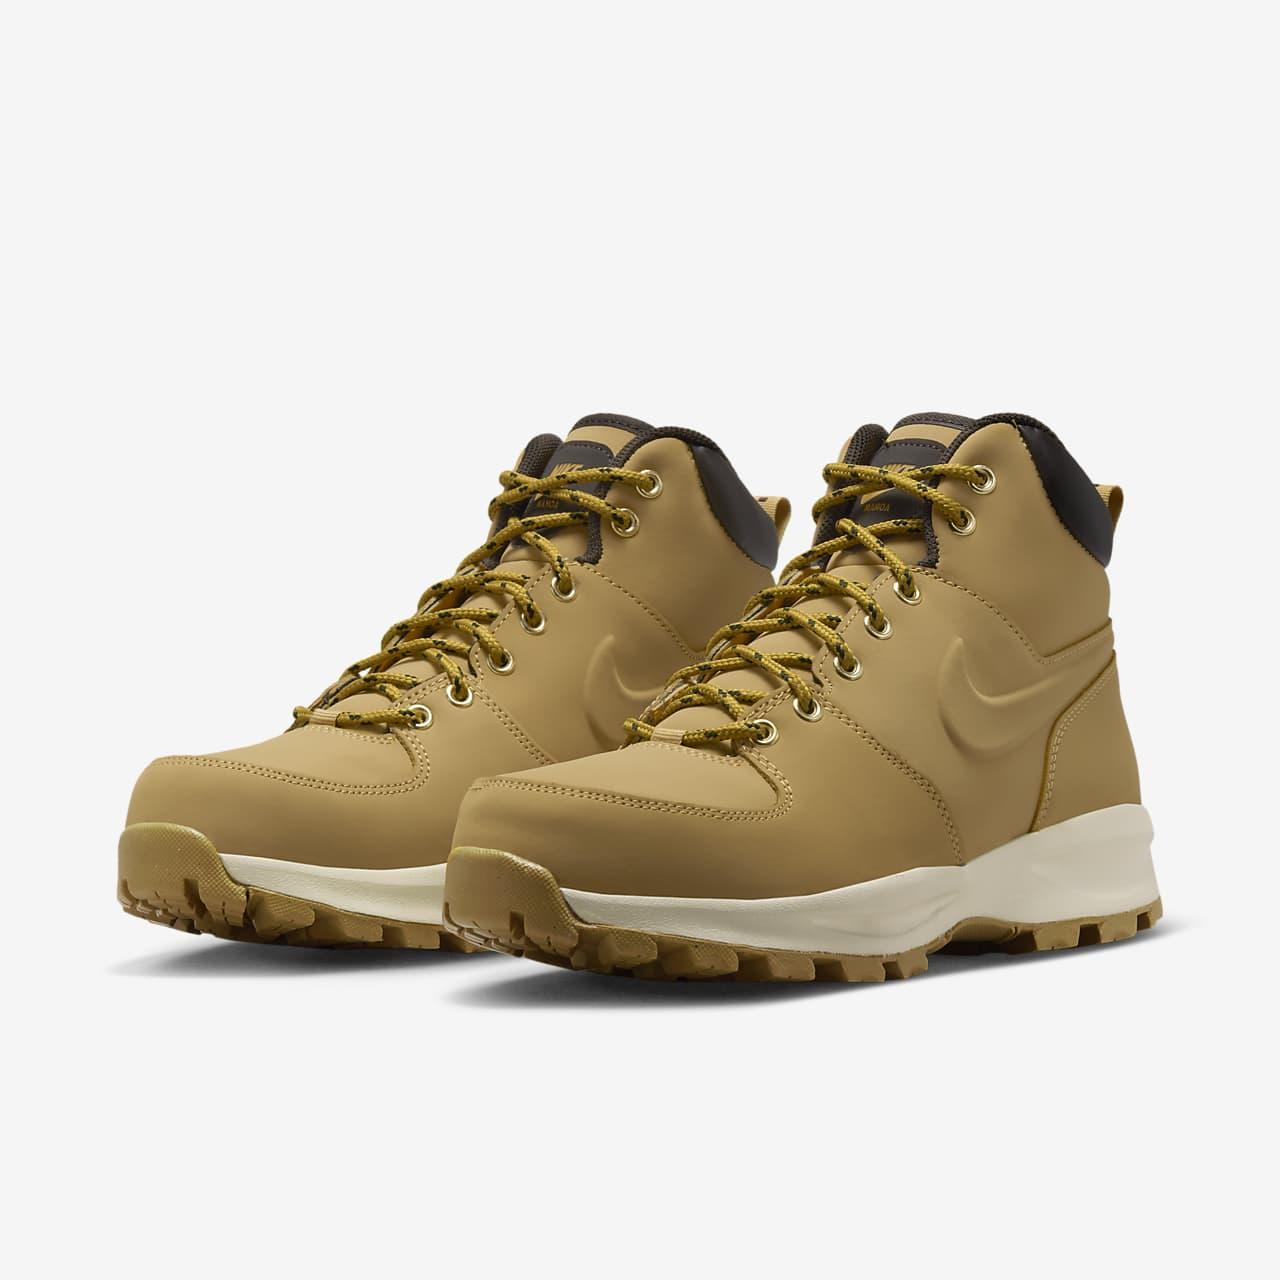 best website 418a5 709ea Low Resolution Nike Manoa Men s Boot Nike Manoa Men s Boot